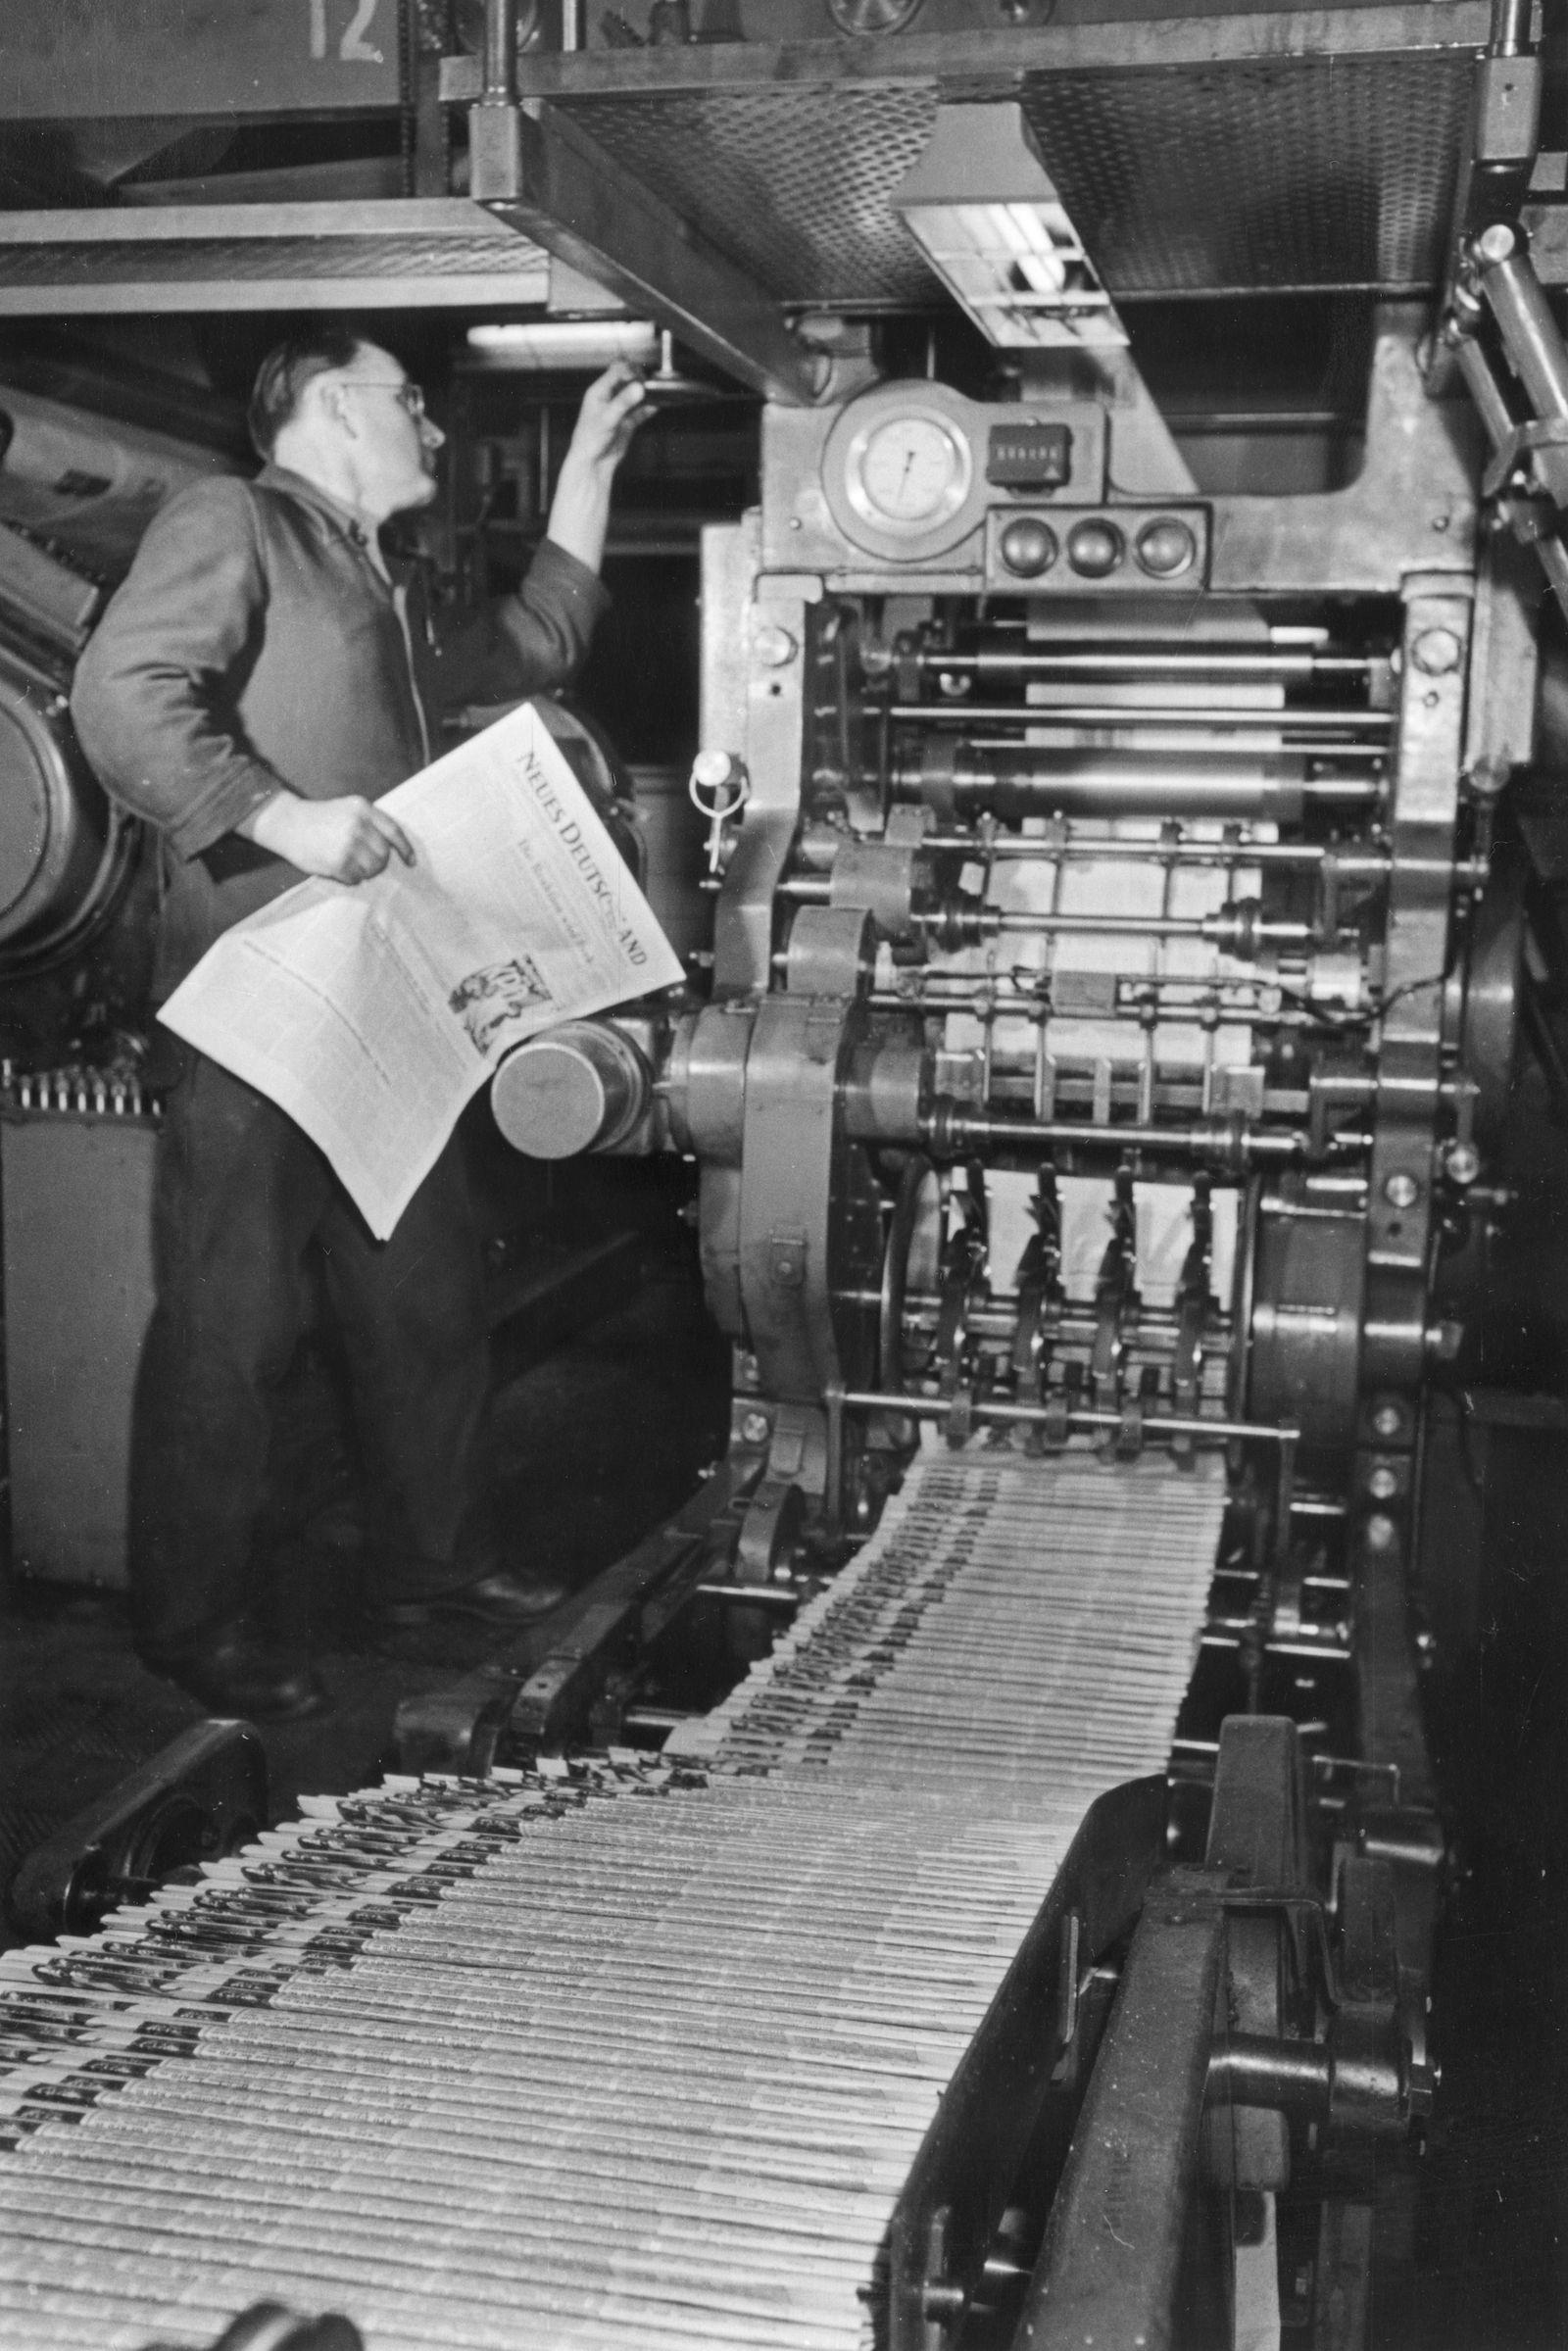 """In der Druckerei werden die fertigen Exemplare der Zeitung """"Neues Deutschland"""" kontrolliert"""